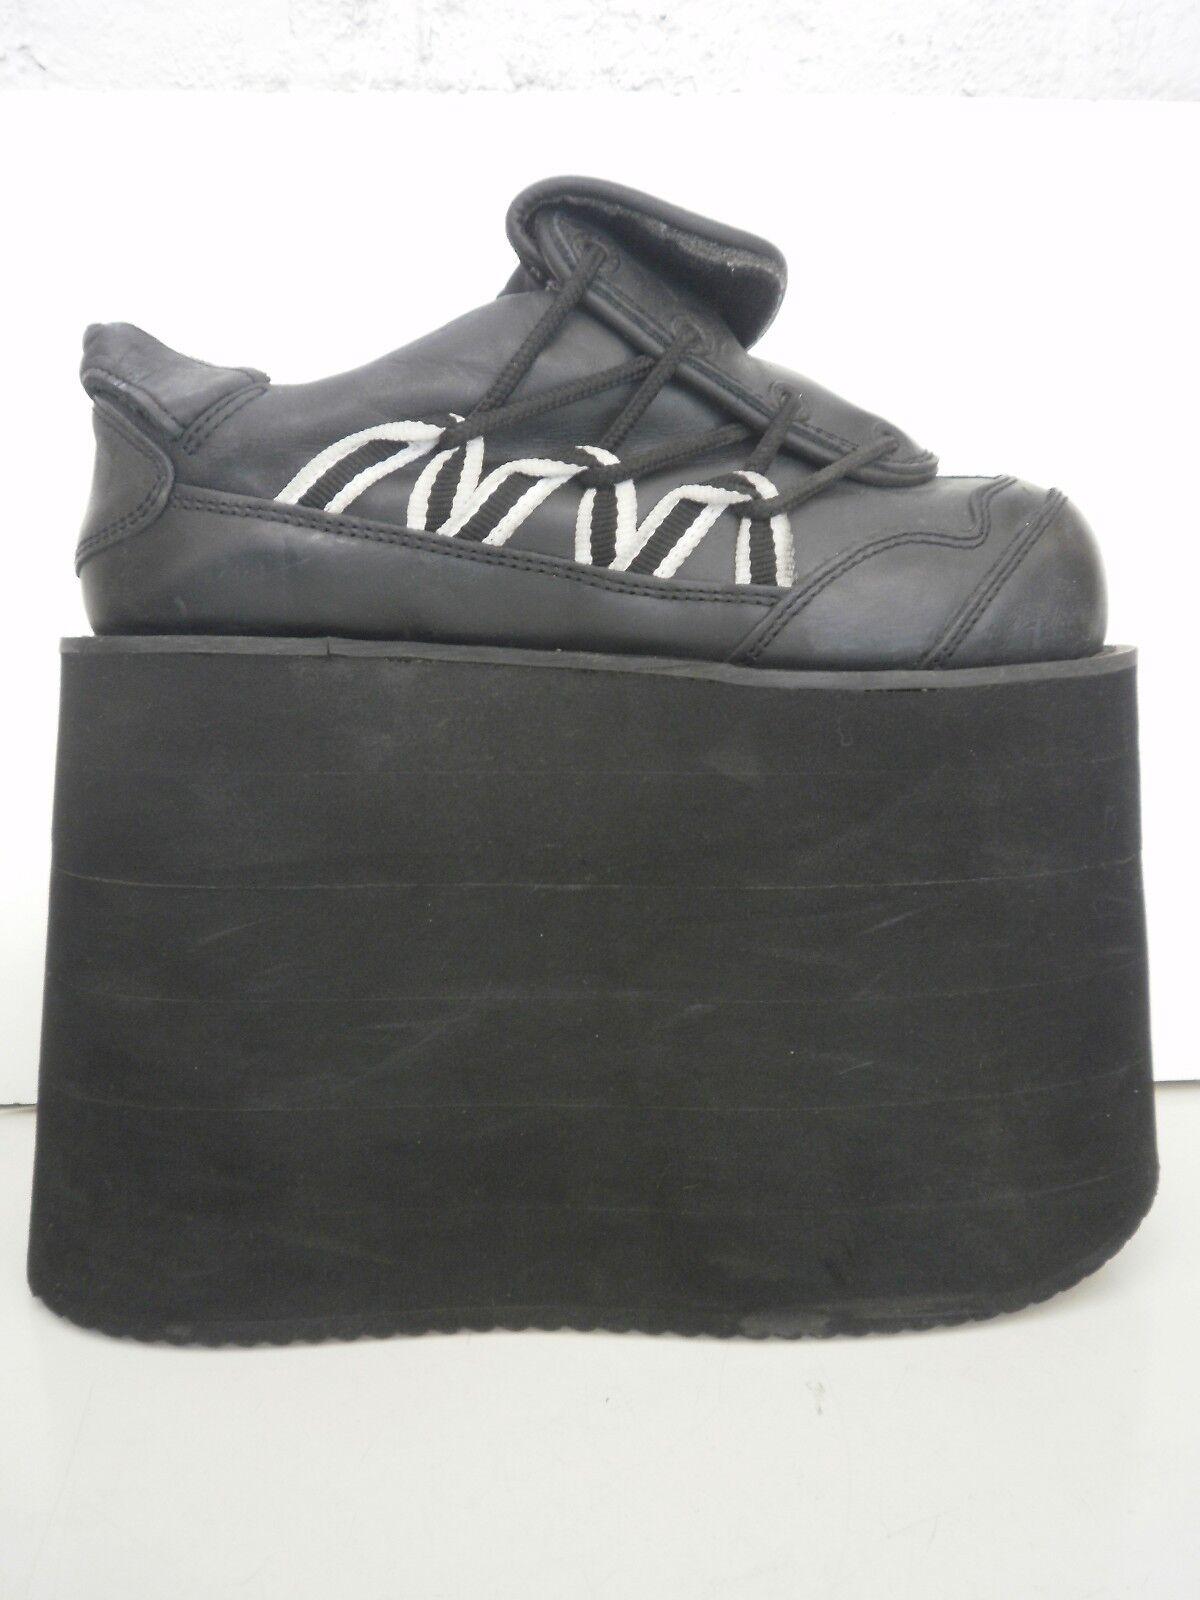 Swear Swear Swear botas de plataforma zapatos True vintage 90s zapatos señora zapatos de culto Tower cortos  promocionales de incentivo